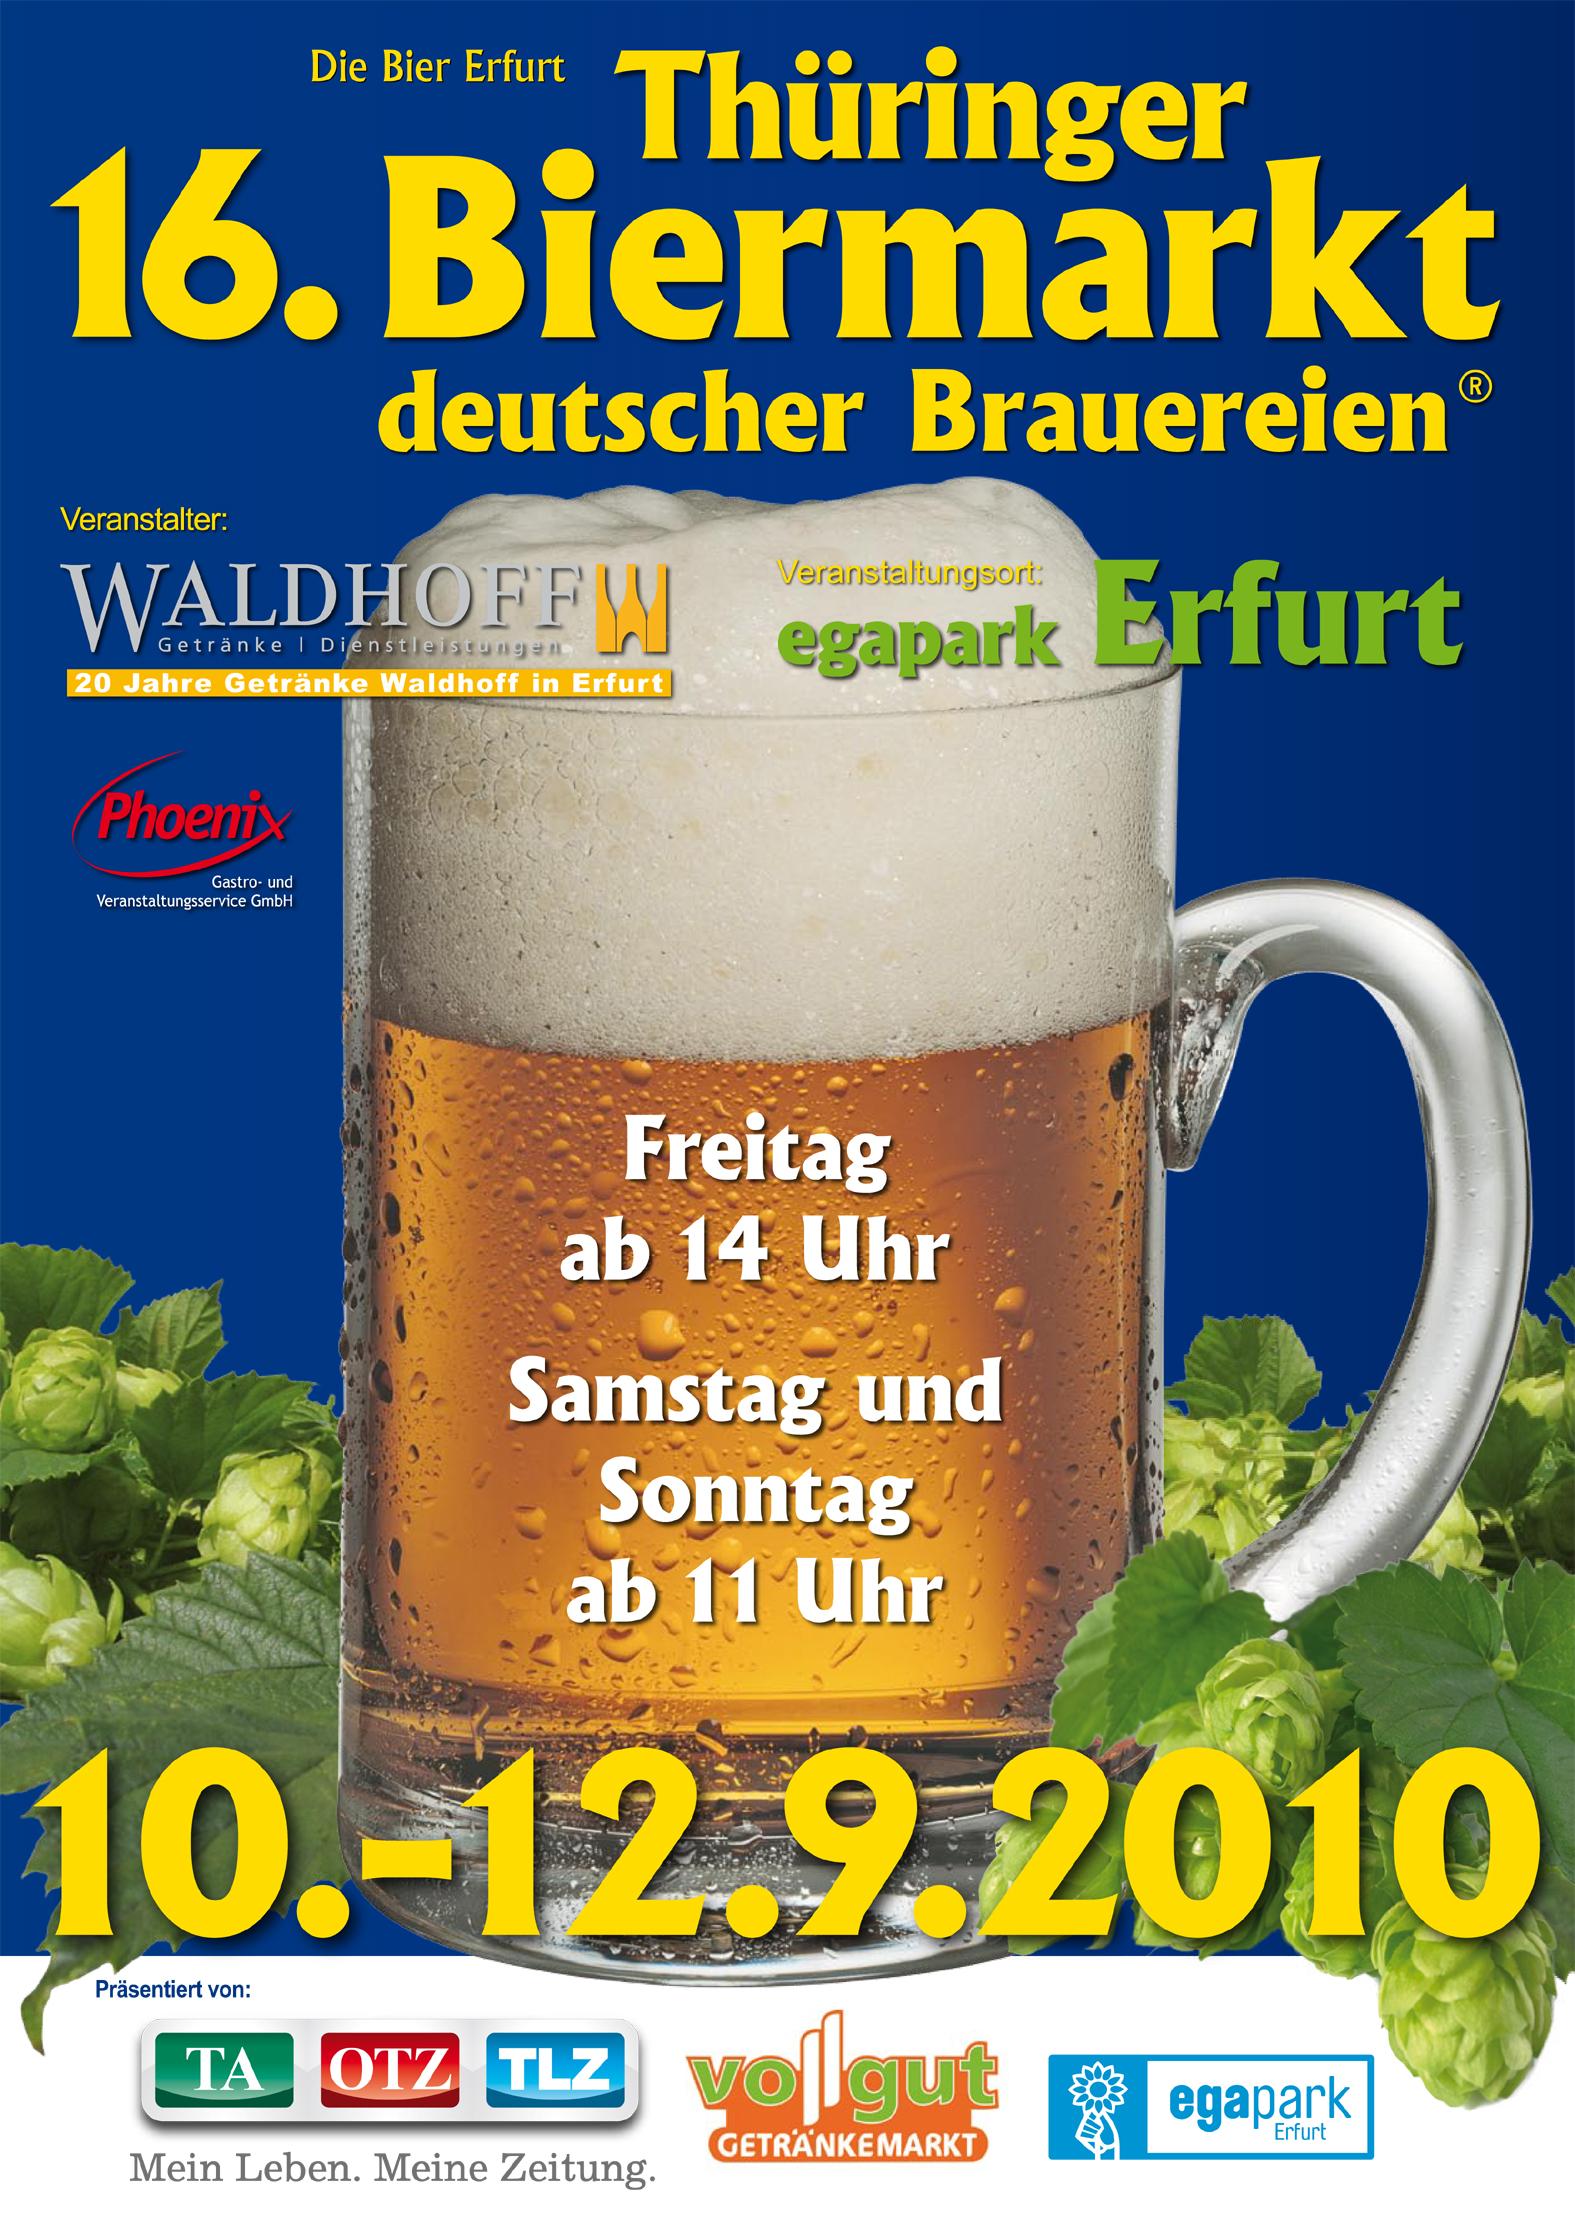 16. Biermarkt